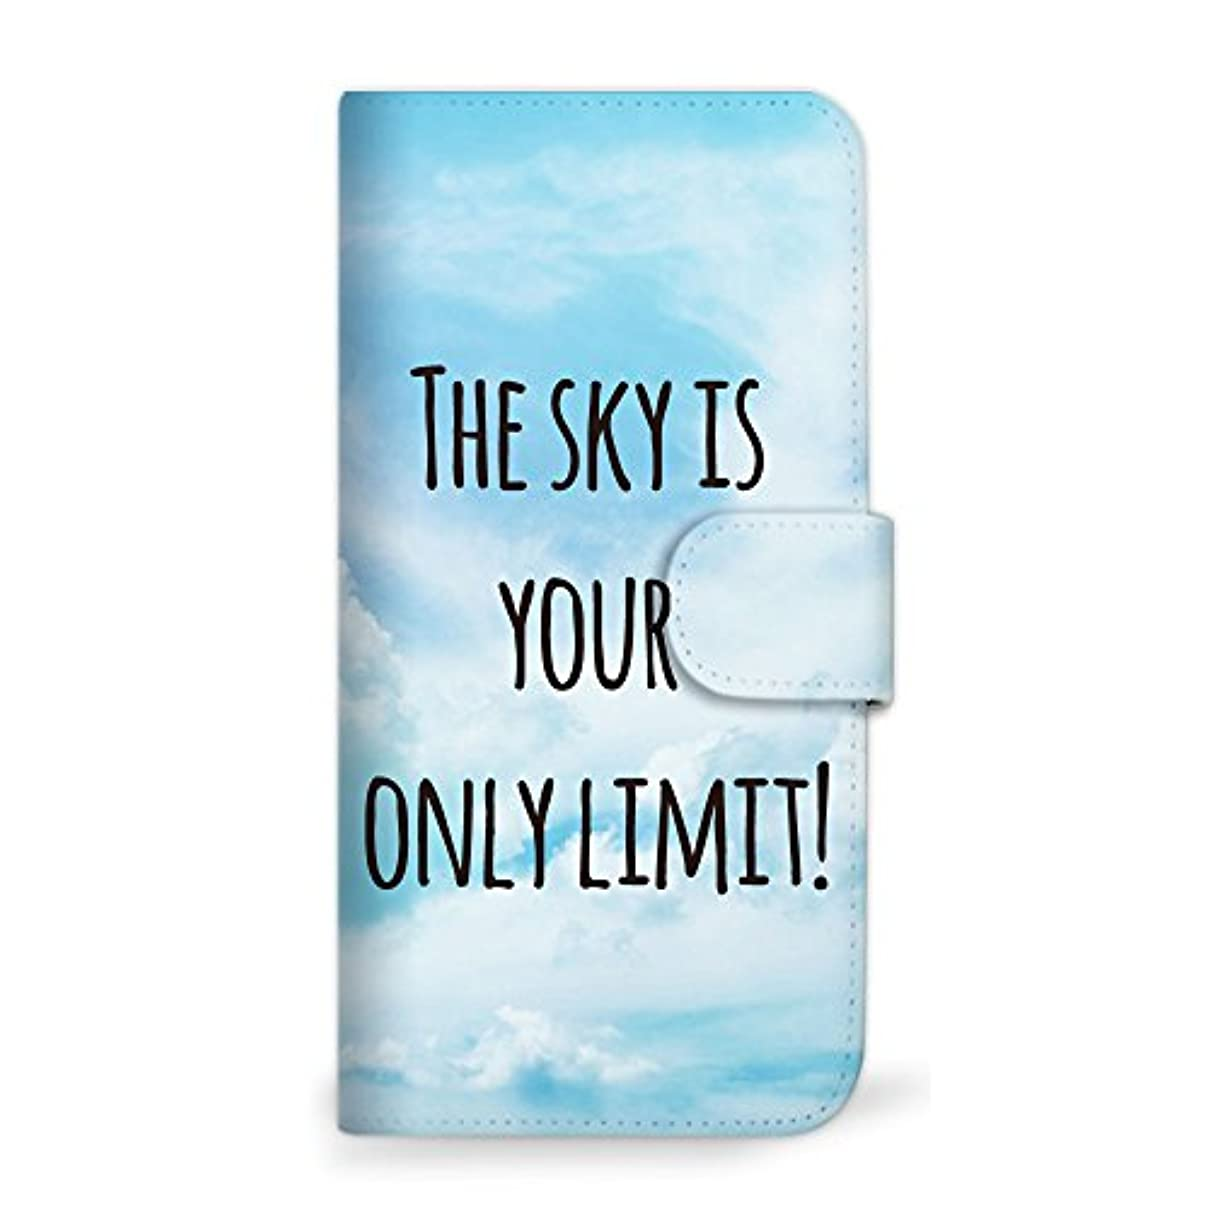 比率いわゆる群がるmitas Galaxy S8 Plus SCV35 ケース 手帳型  空 シンプル ブルー (342) SC-0399-BU/SCV35